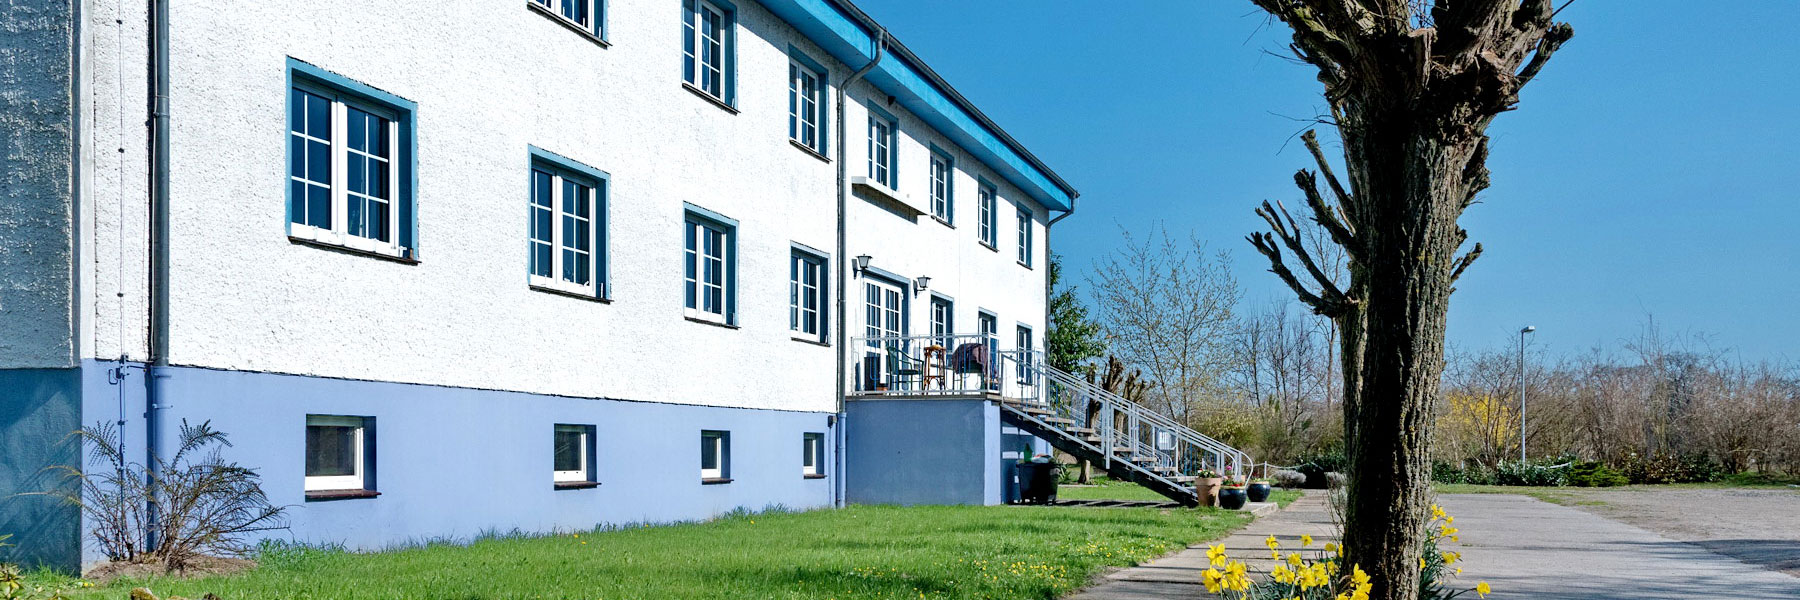 Außenansicht - Hotel Haus ÜberLand